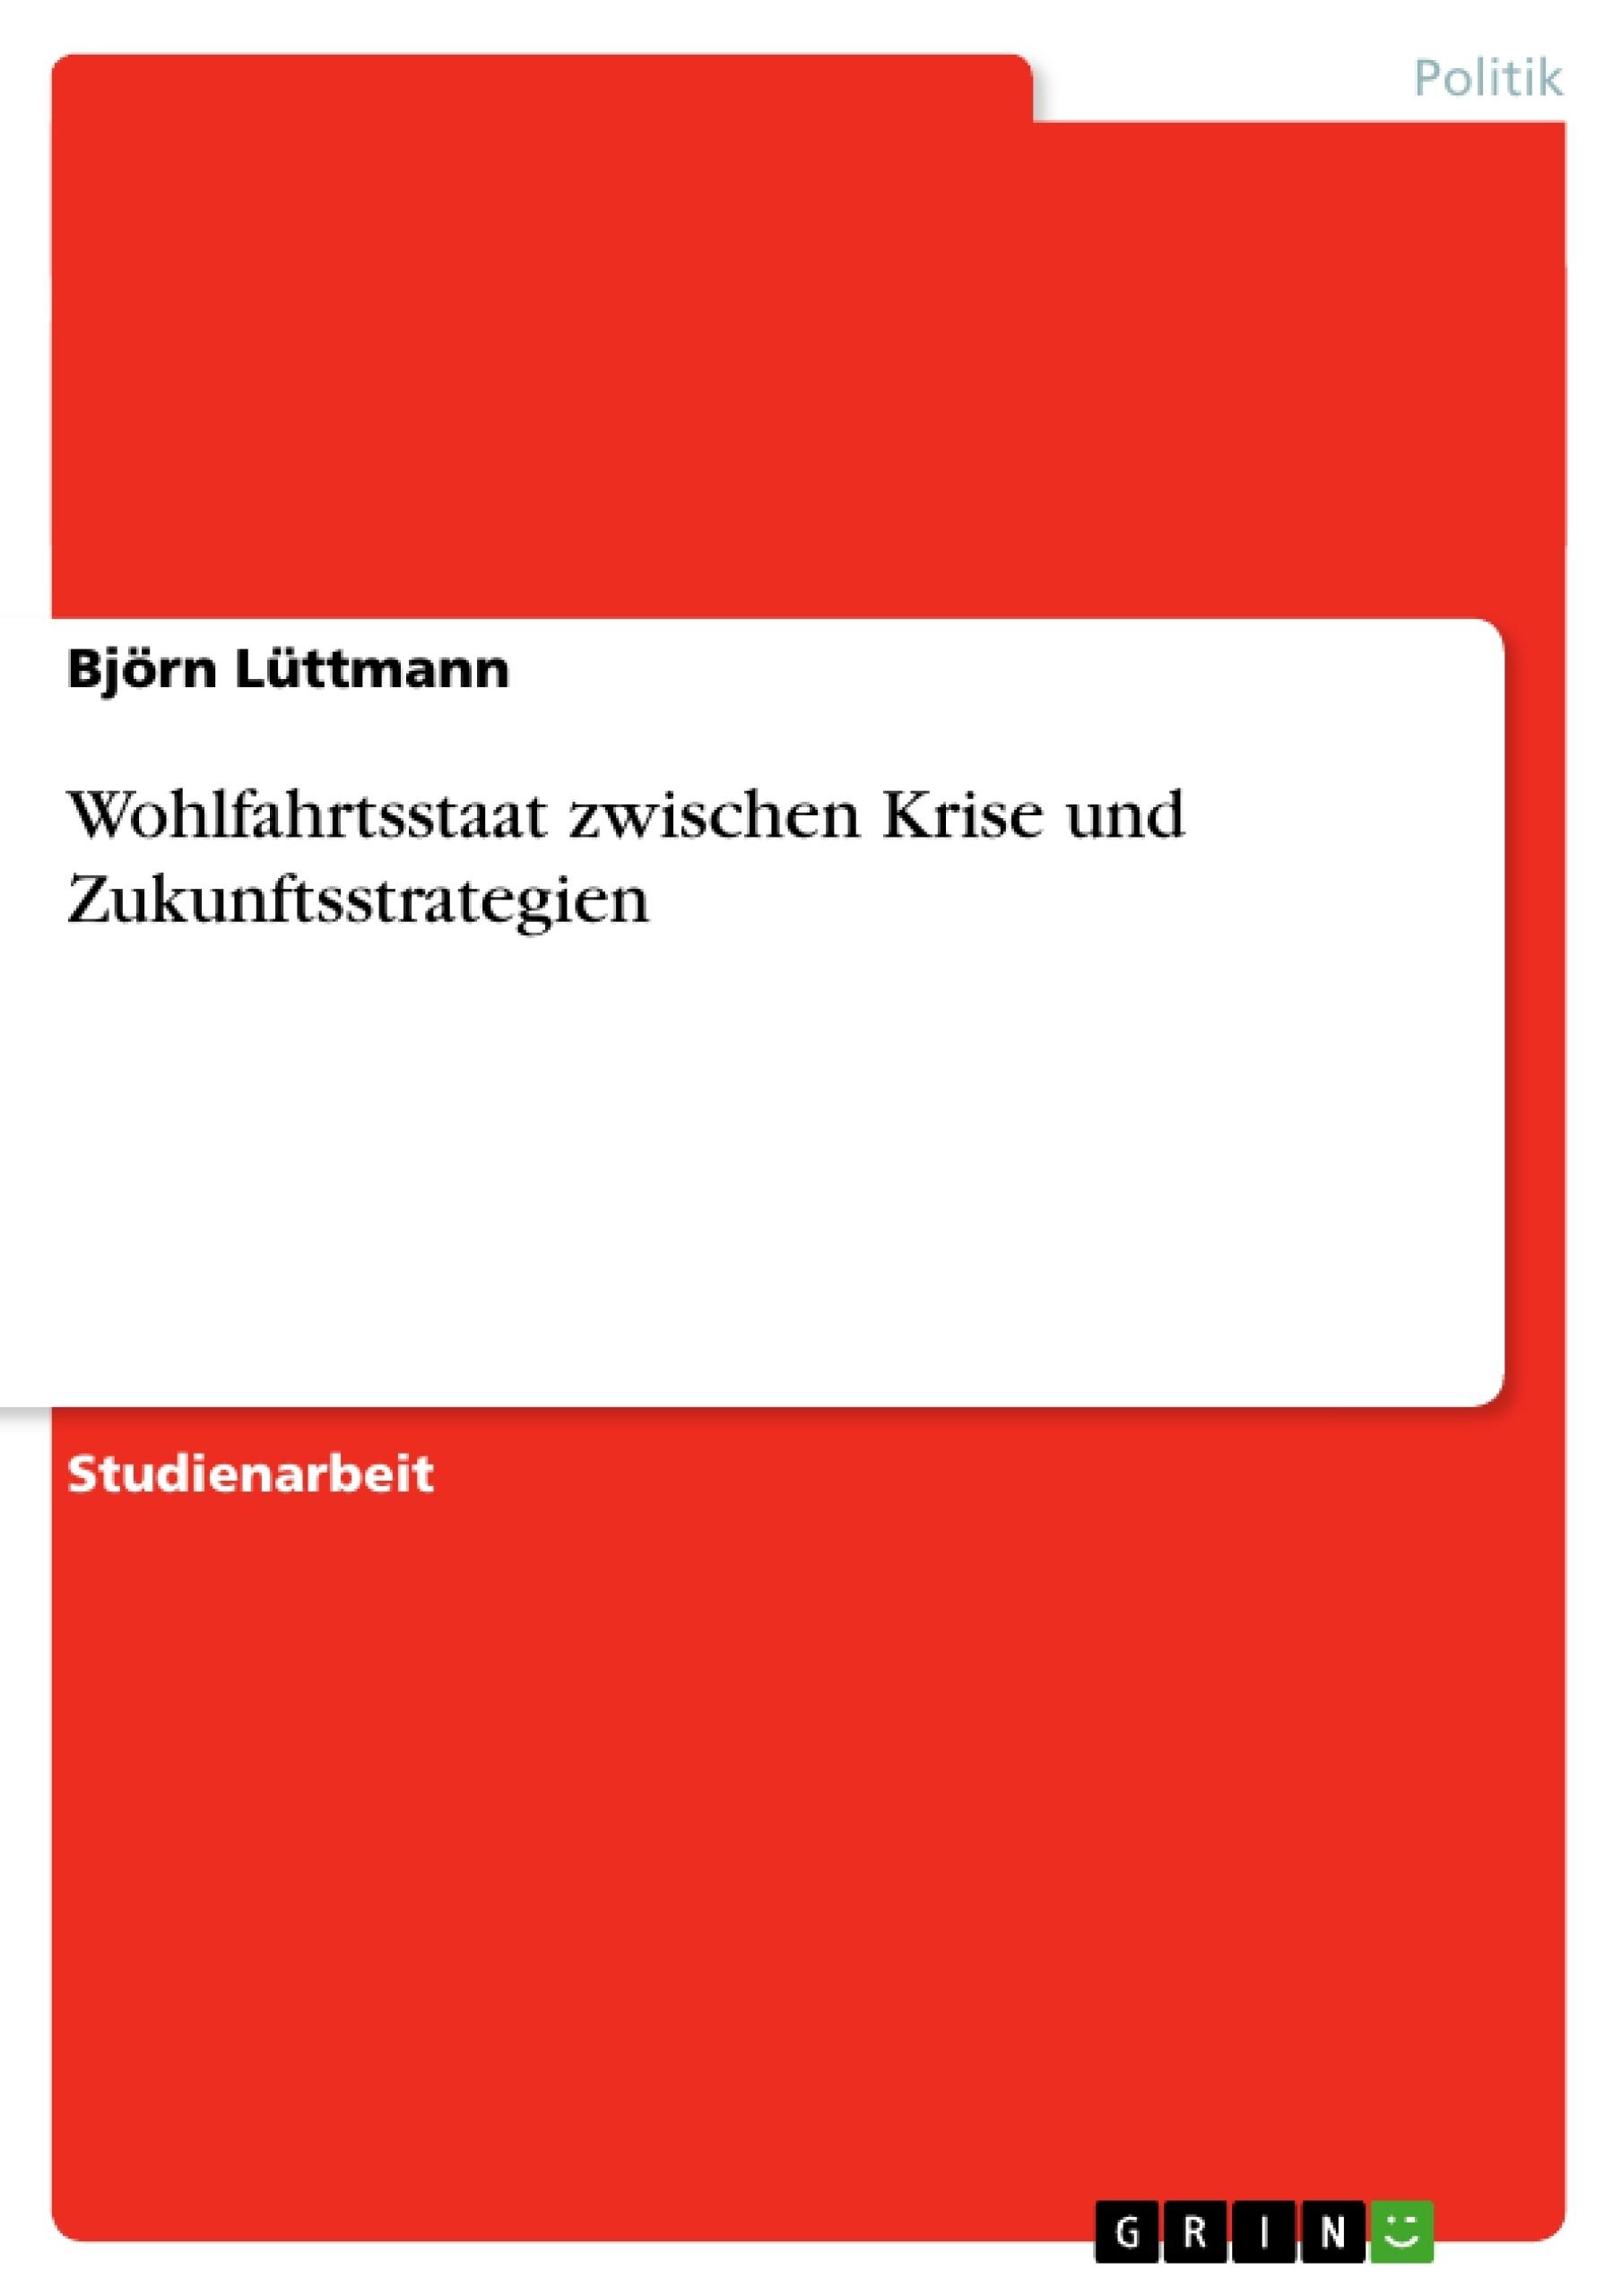 Titel: Wohlfahrtsstaat zwischen Krise und Zukunftsstrategien